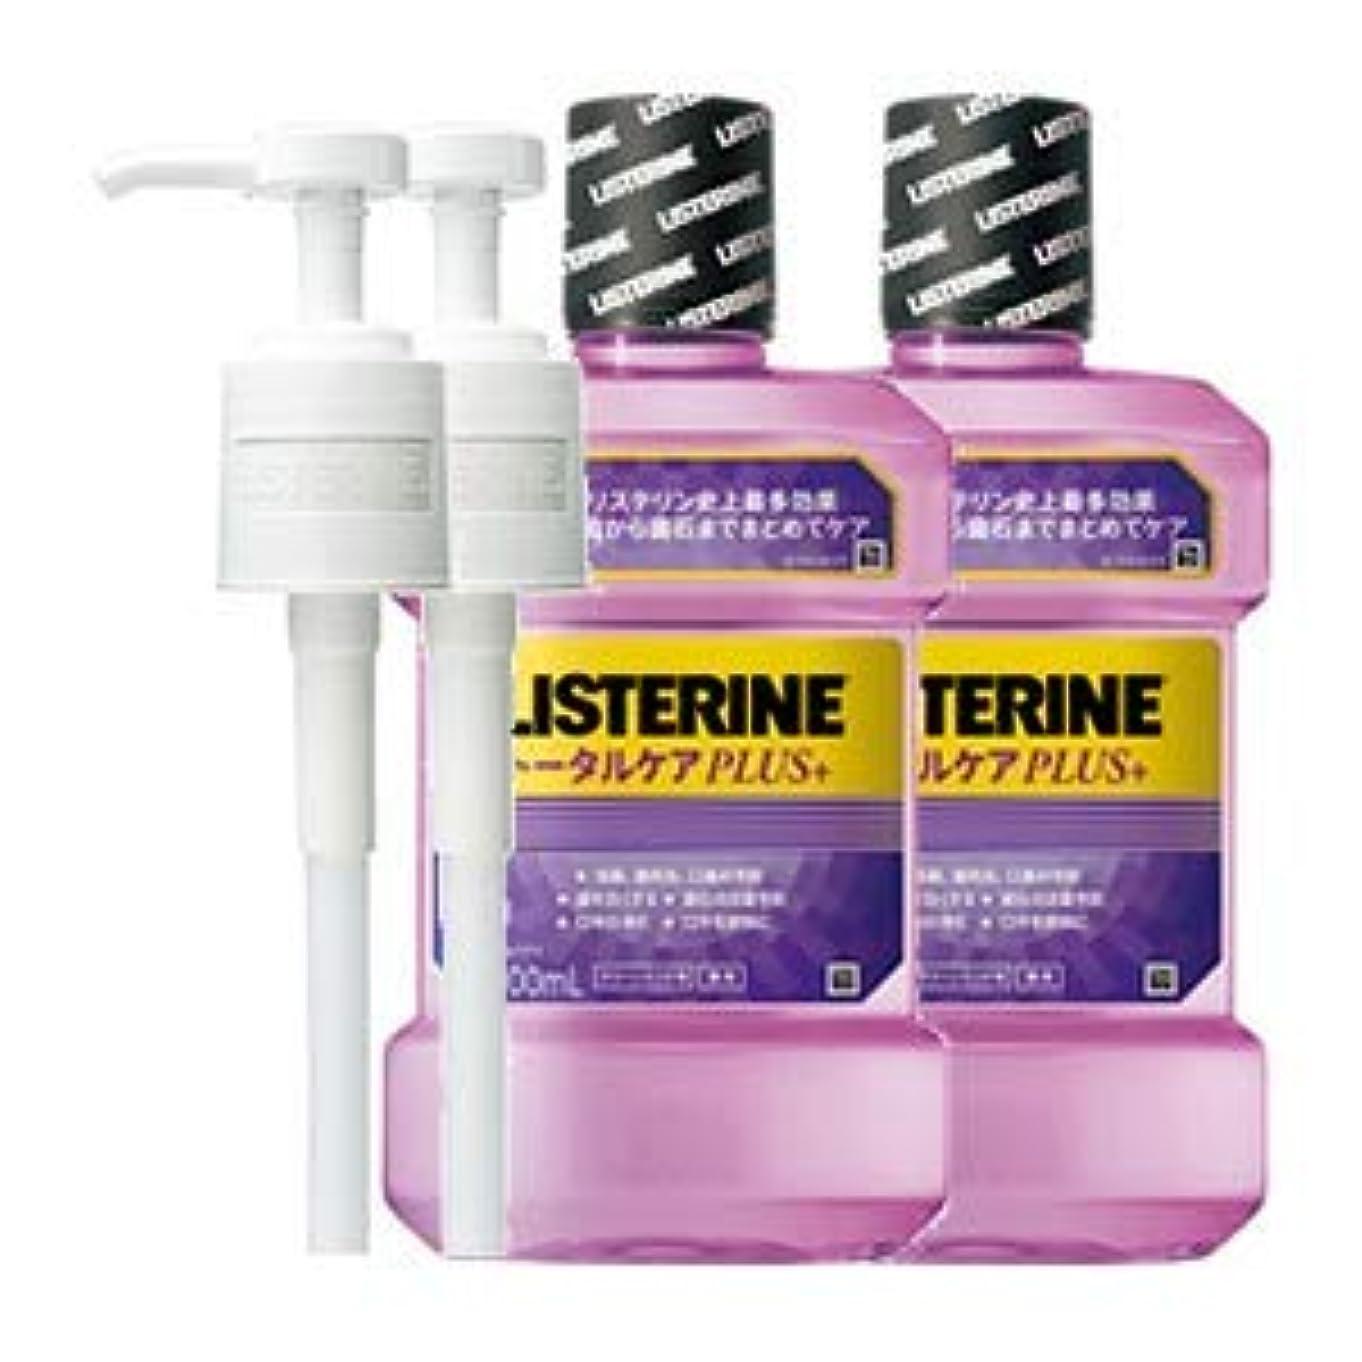 湖残基対応薬用リステリン トータルケアプラス (液体歯磨) 1000mL 2点セット (ポンプ付)